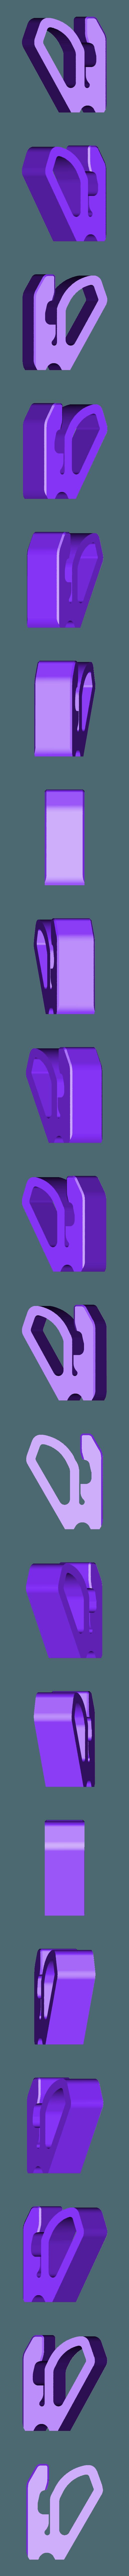 Canister_Feet_v3-2_Tall_PET.STL Télécharger fichier STL gratuit Pied de mise à niveau de la cartouche de propane IsoPropane • Design imprimable en 3D, WalterHsiao